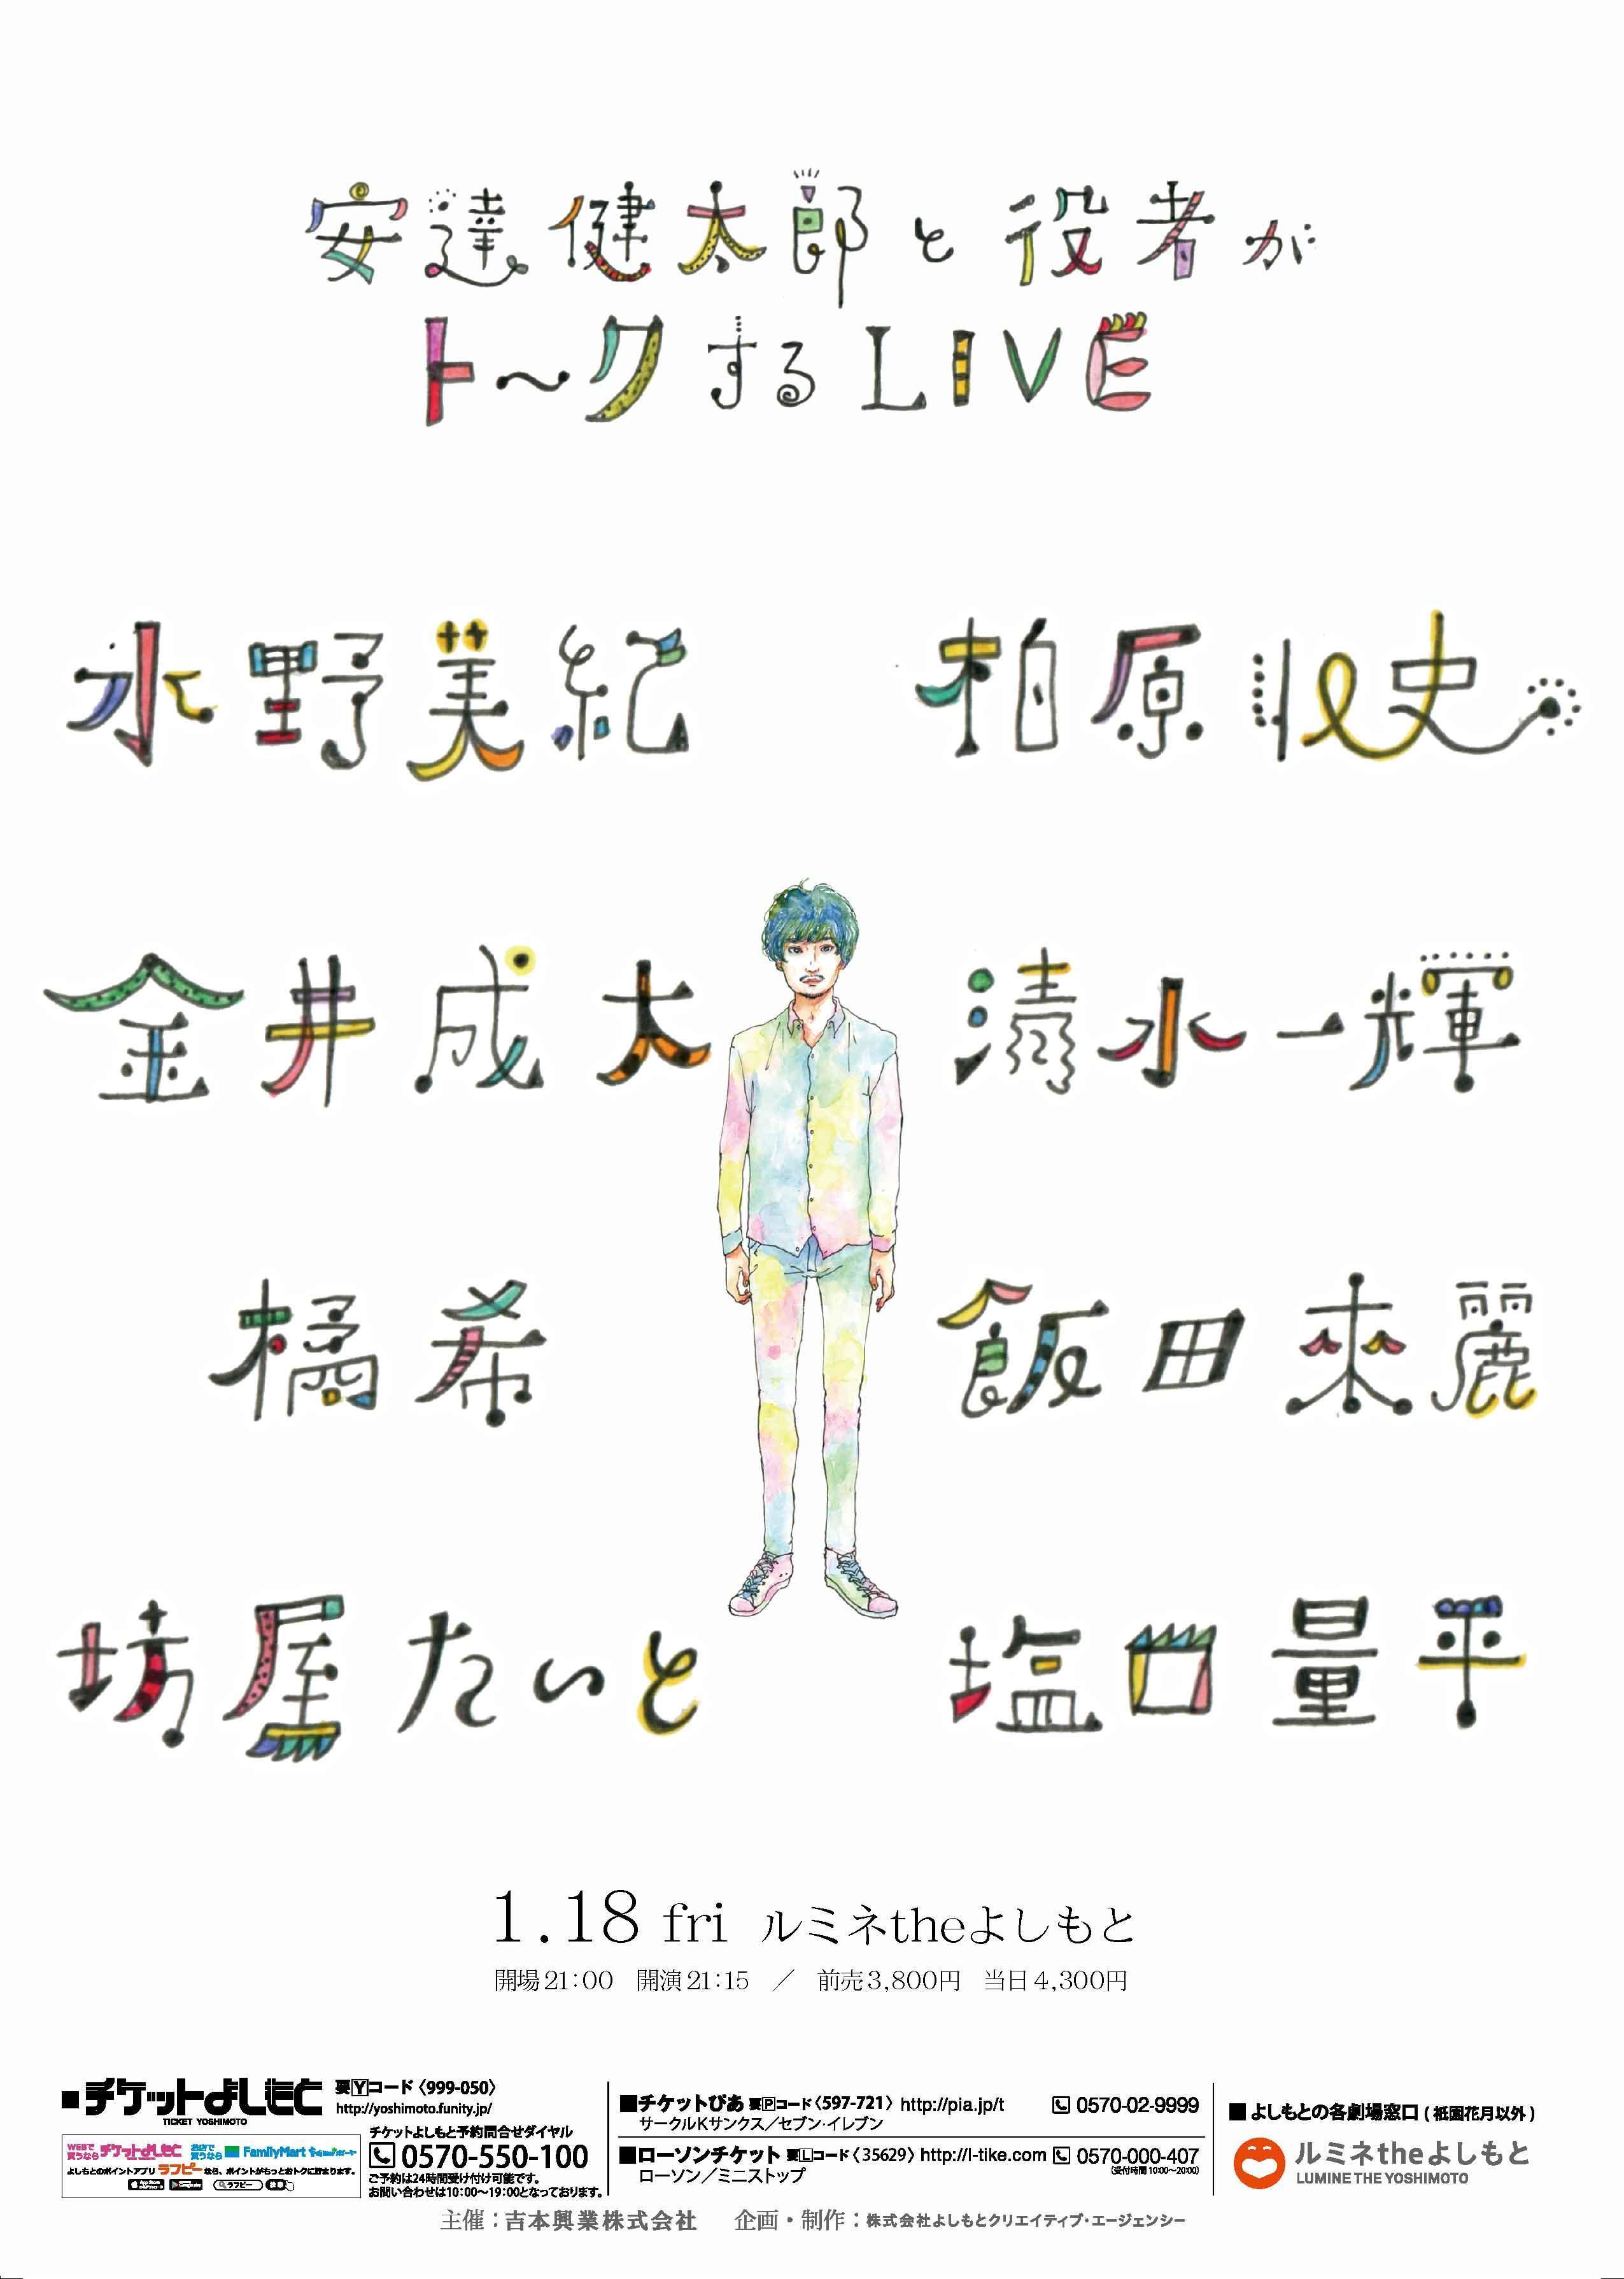 http://news.yoshimoto.co.jp/20190107104841-2969464e606e39b5591b1d9edcd6cebcc57b2680.jpg